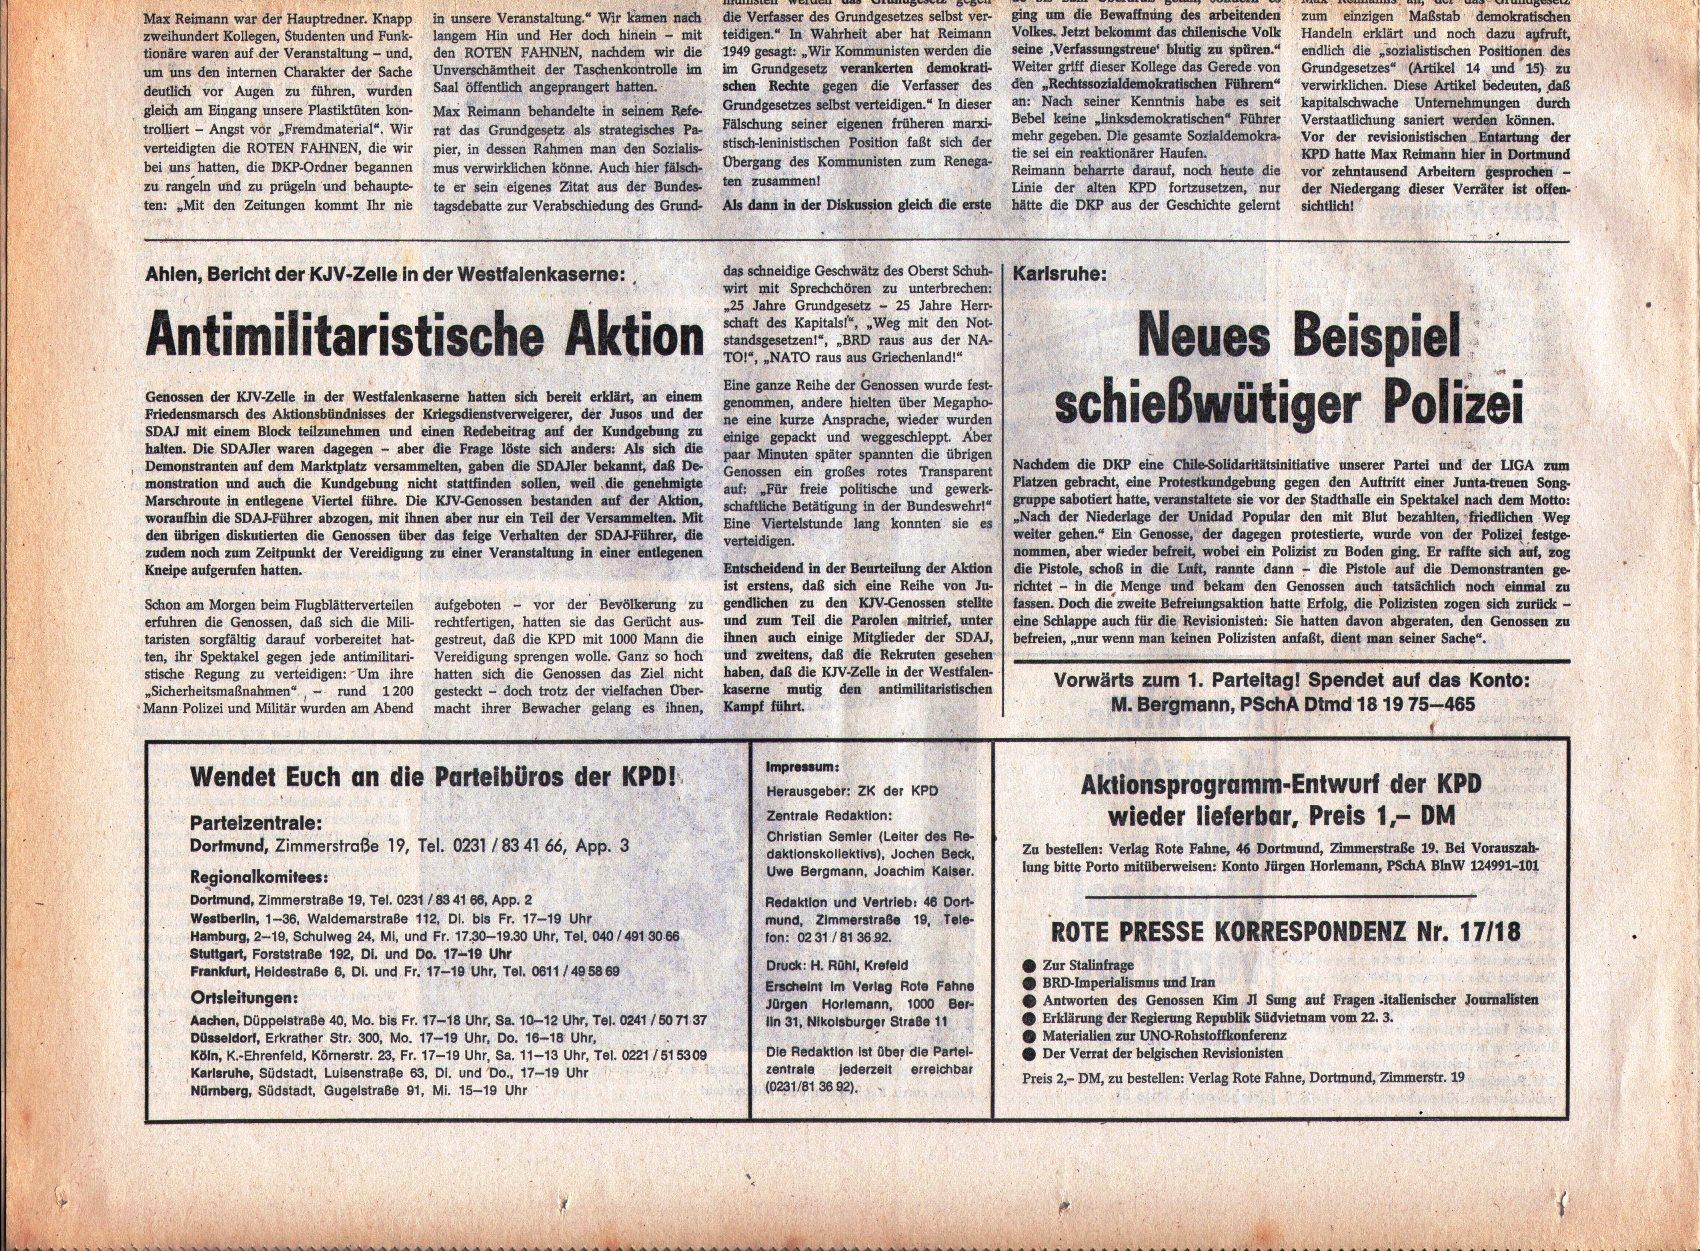 KPD_Rote_Fahne_1974_21_04